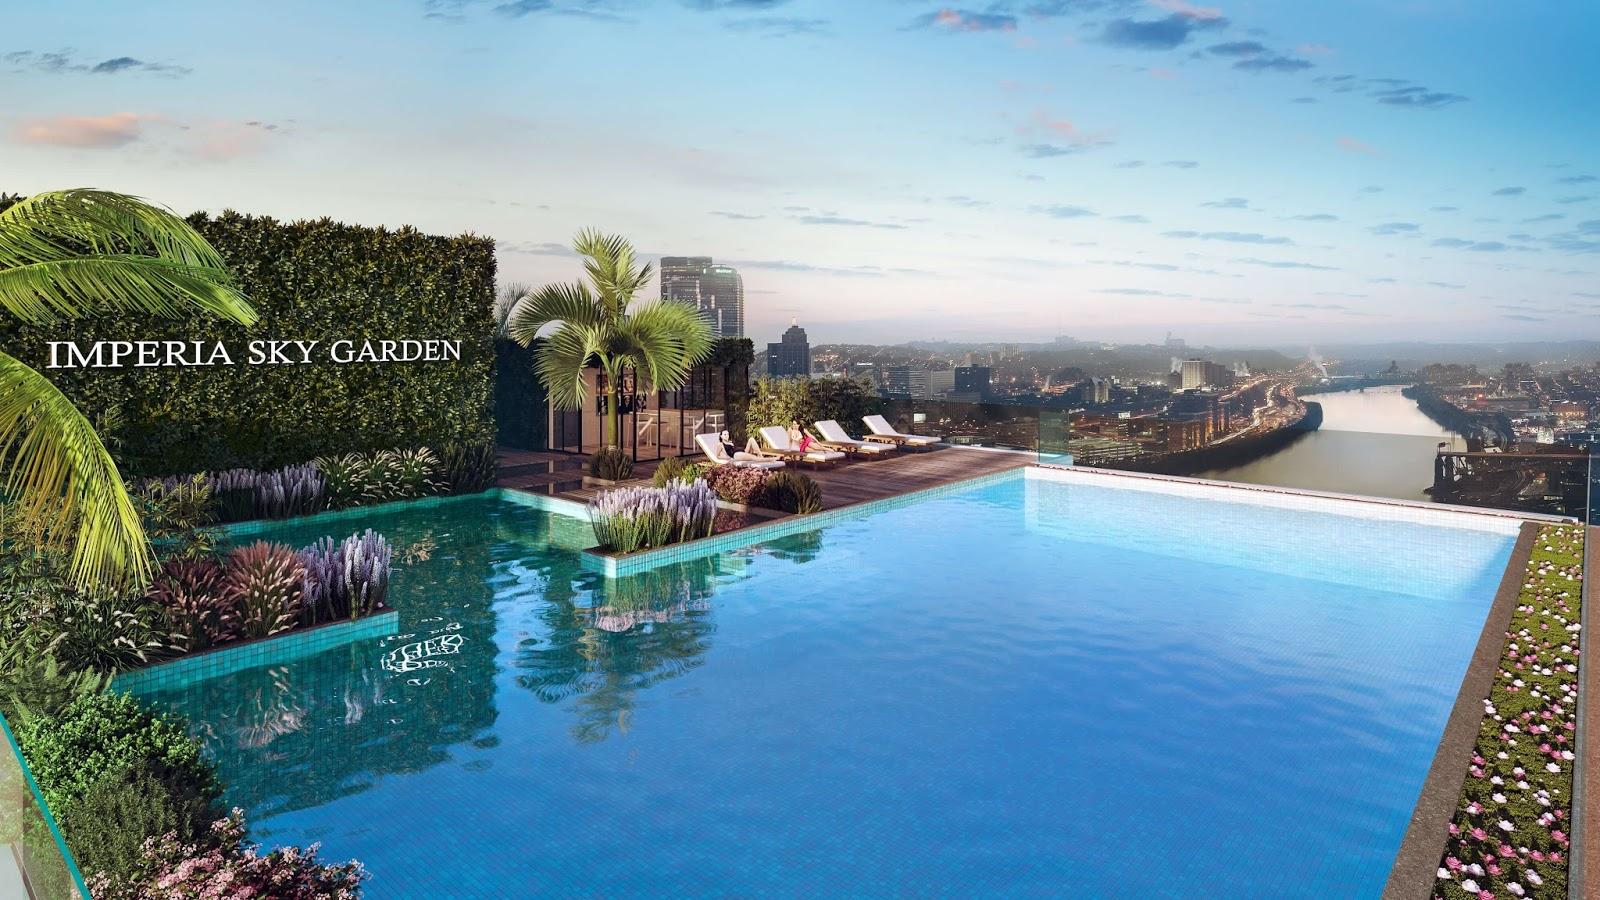 Bể bơi ngoài trời dự án chung cư Imperia Sky Garden 423 Minh Khai